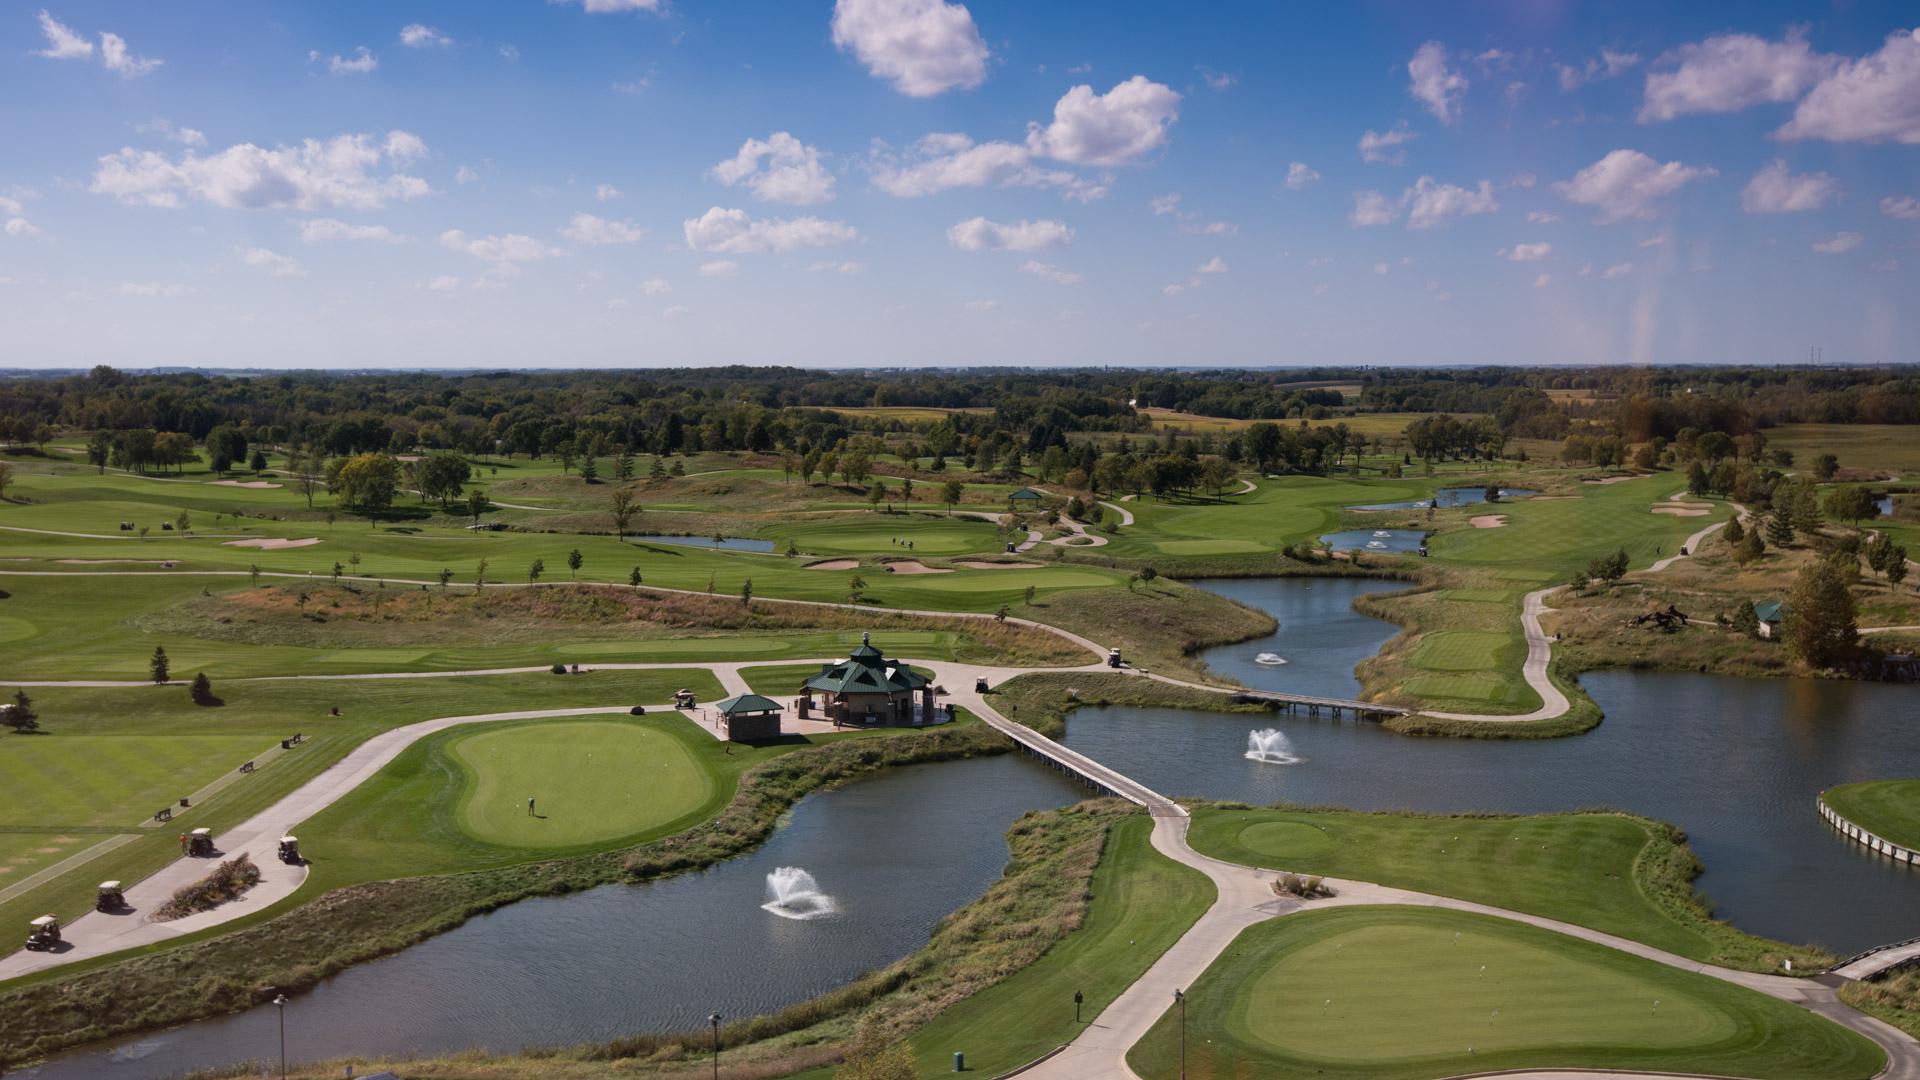 Golf och kasino i Mystic Lake. Här ser vi golfbanan från toppen av hotellet/kasinot.